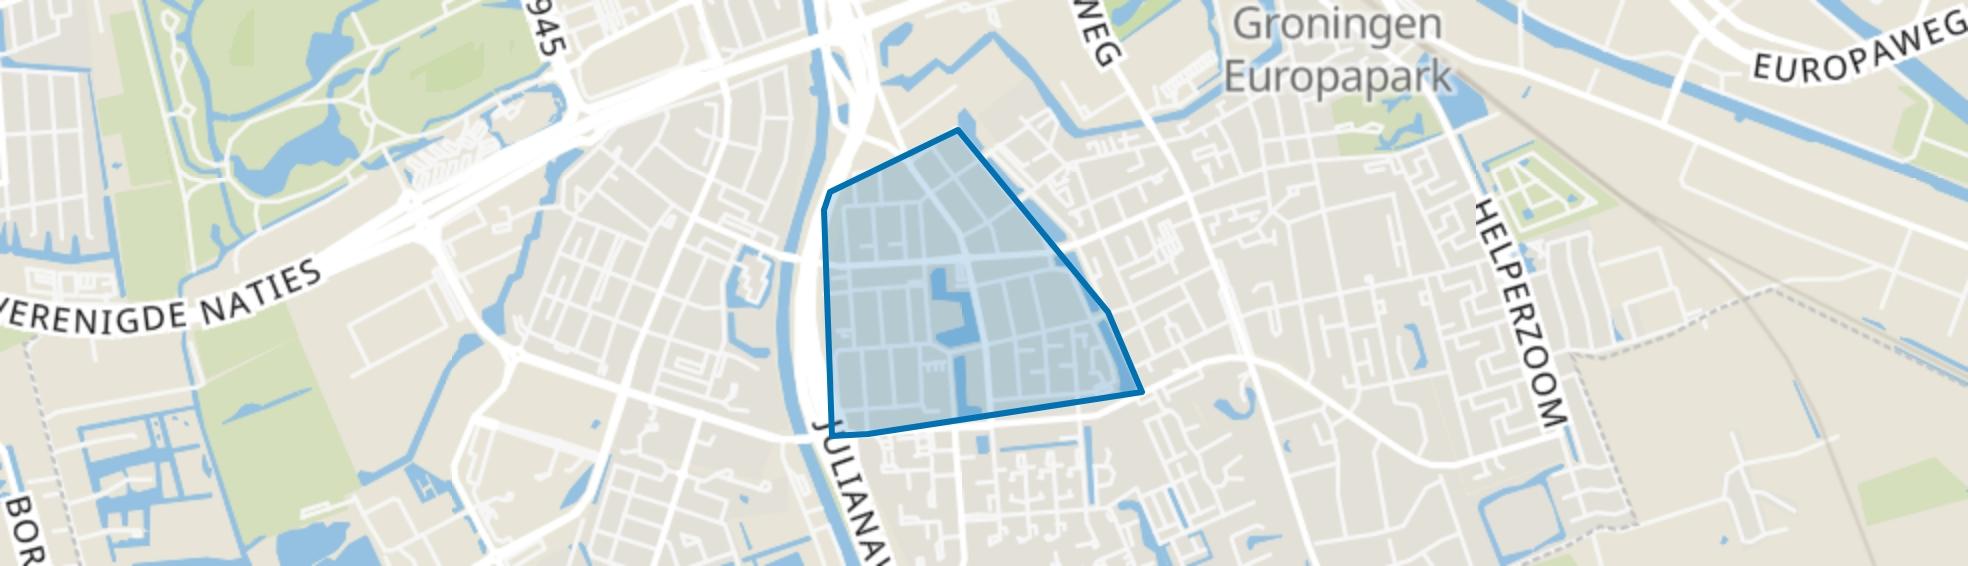 De Wijert, Groningen map